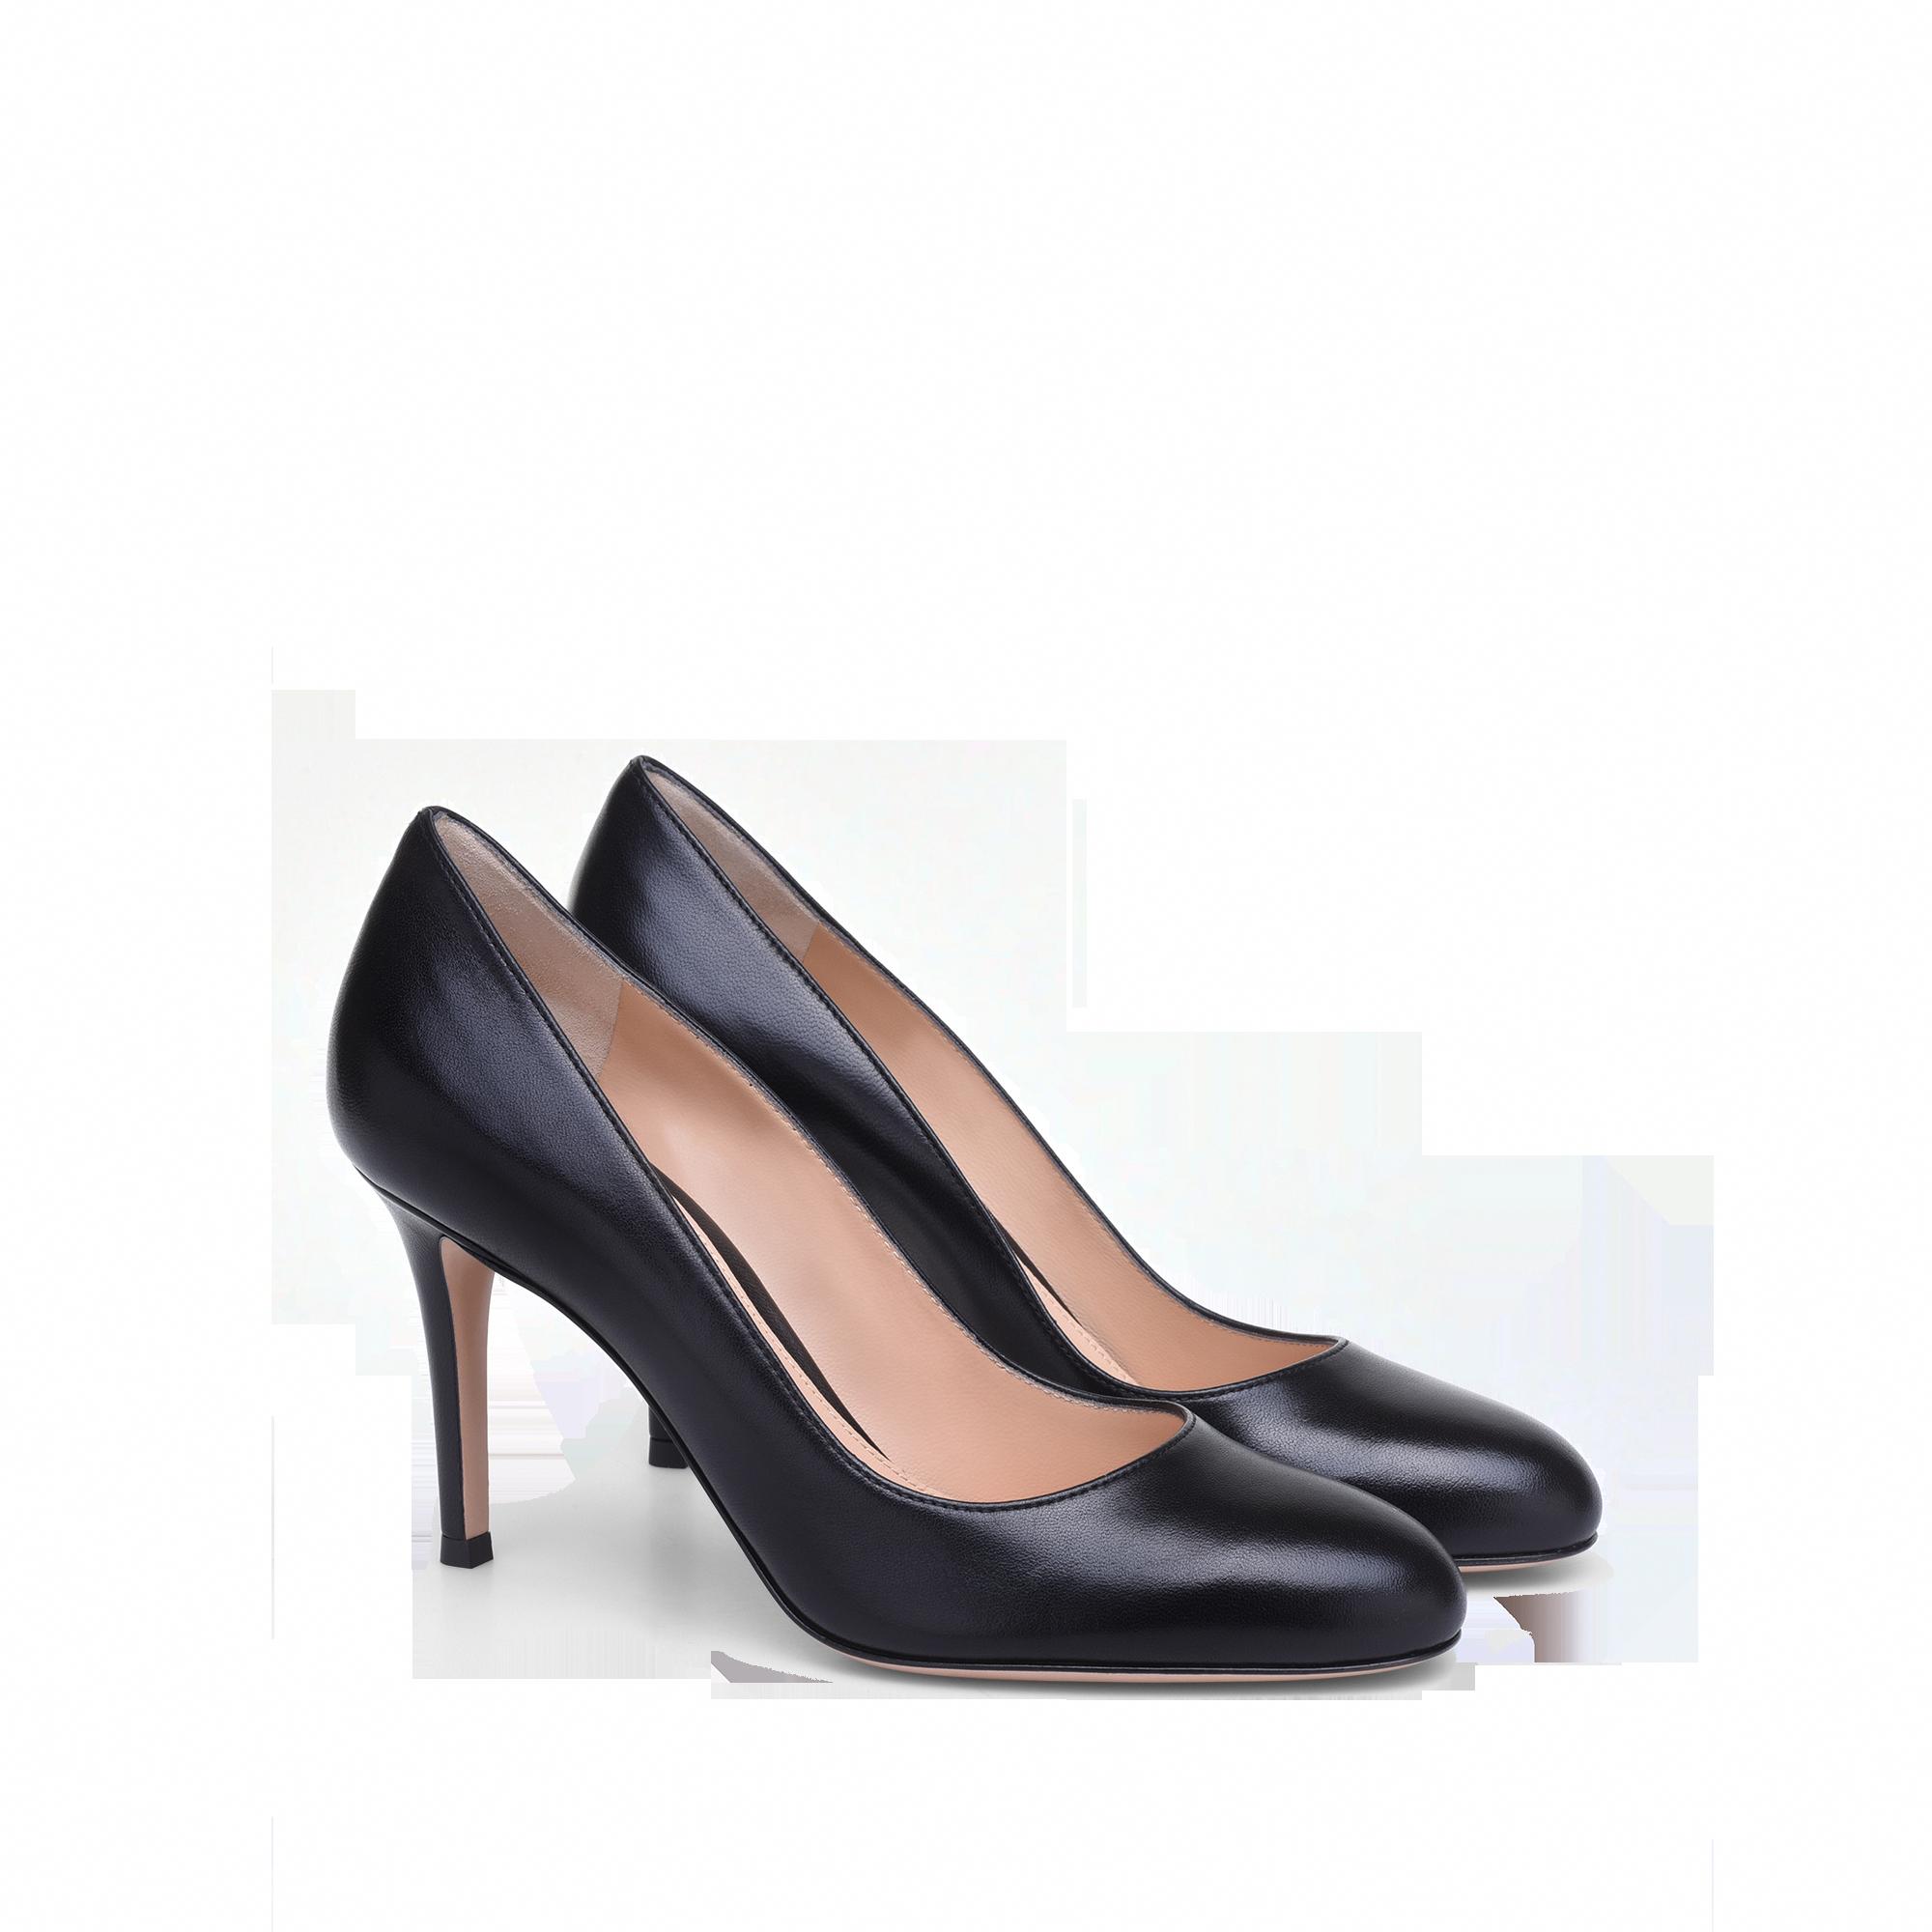 Women shoes sale, Leather heels, Pumps